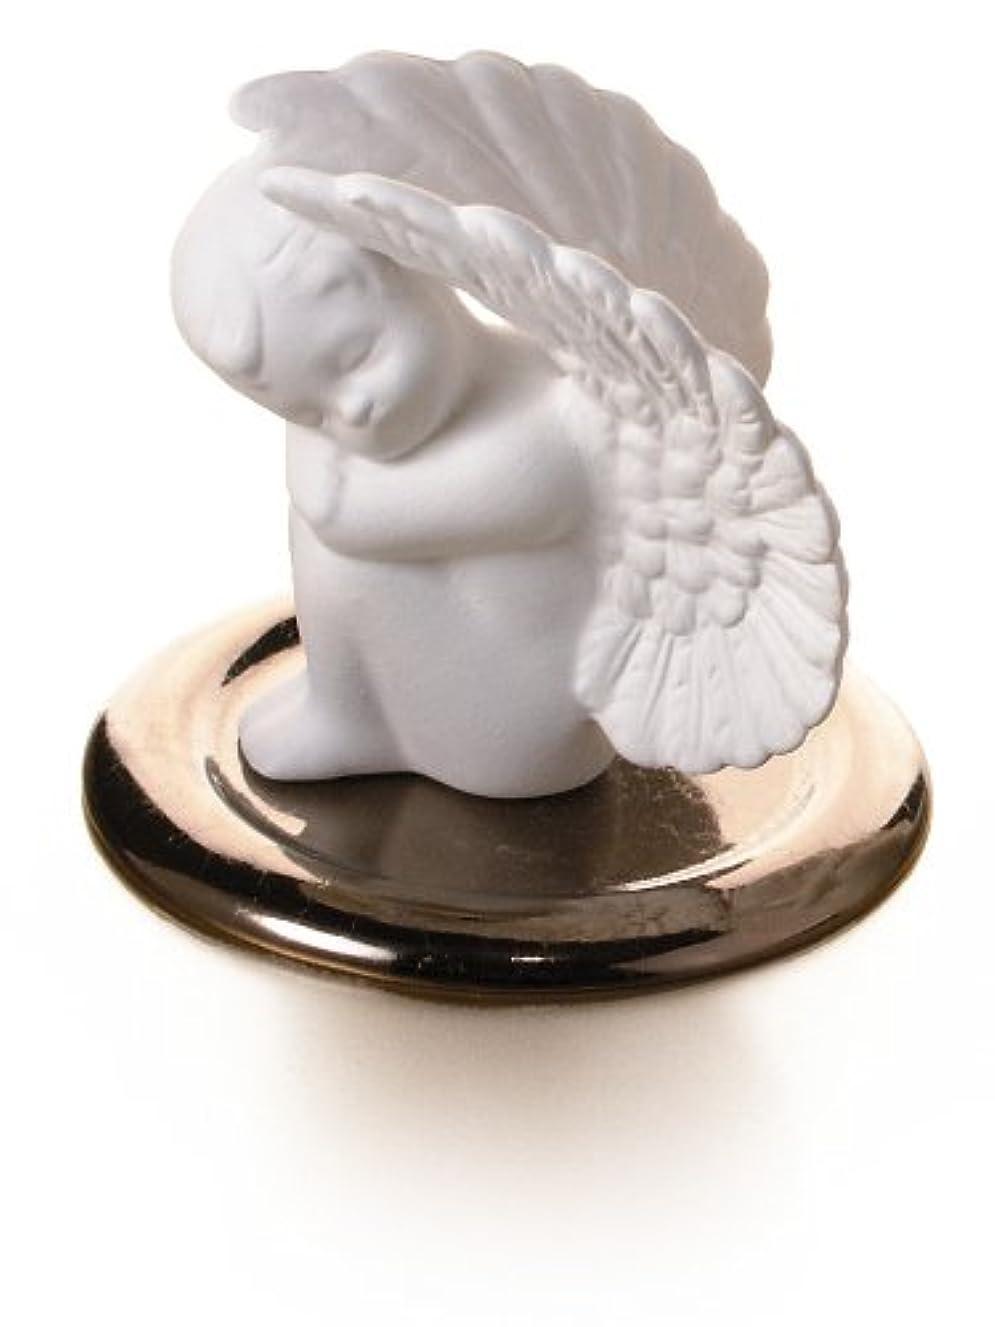 ただやる臭い彼自身ポマンダー■ 守護天使(皿付き)